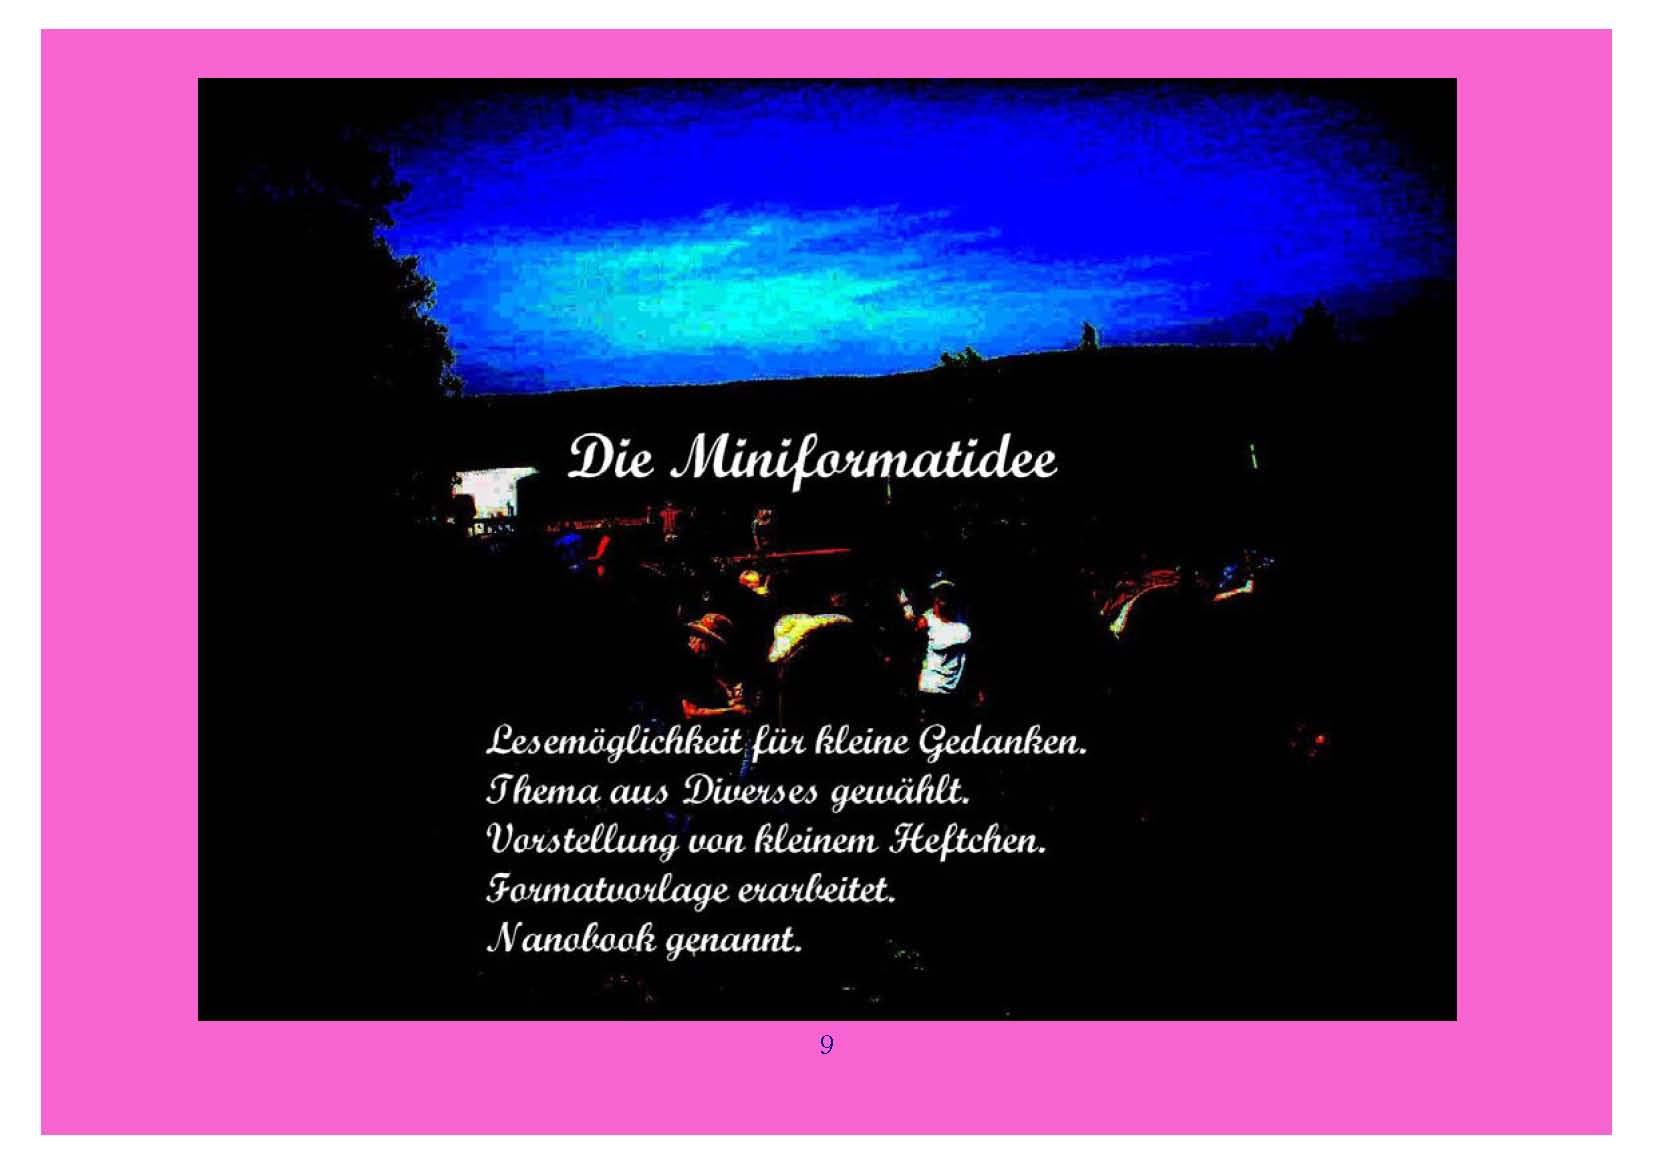 ™Gigabuch-Bibliothek/iAutobiographie Band 17/Bild 1261